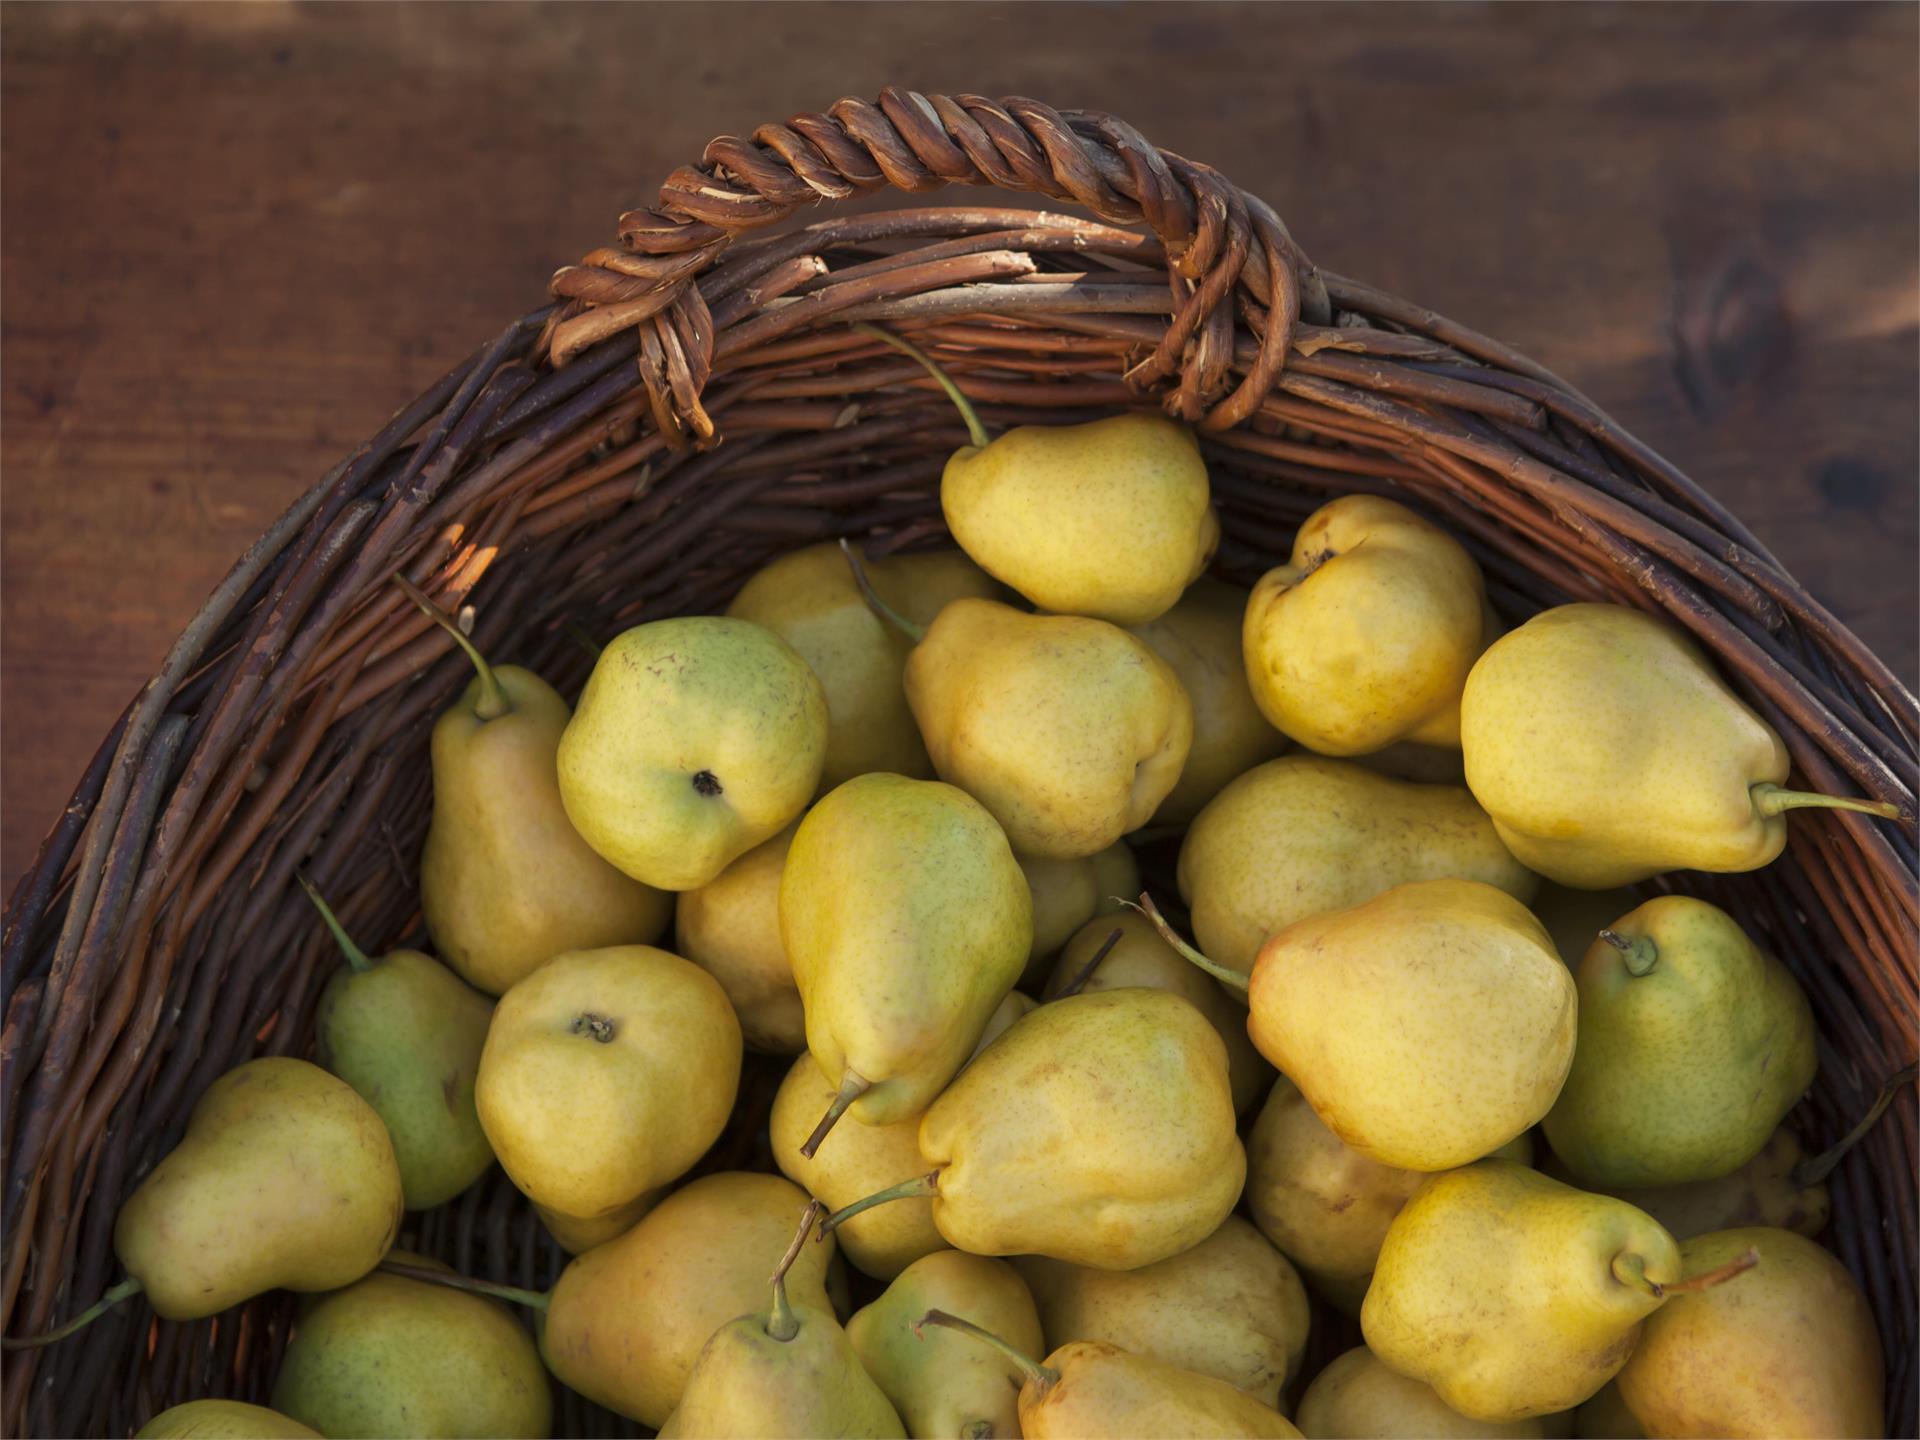 Giornate della pera Pala: Apertura delle giornate della pera Pala